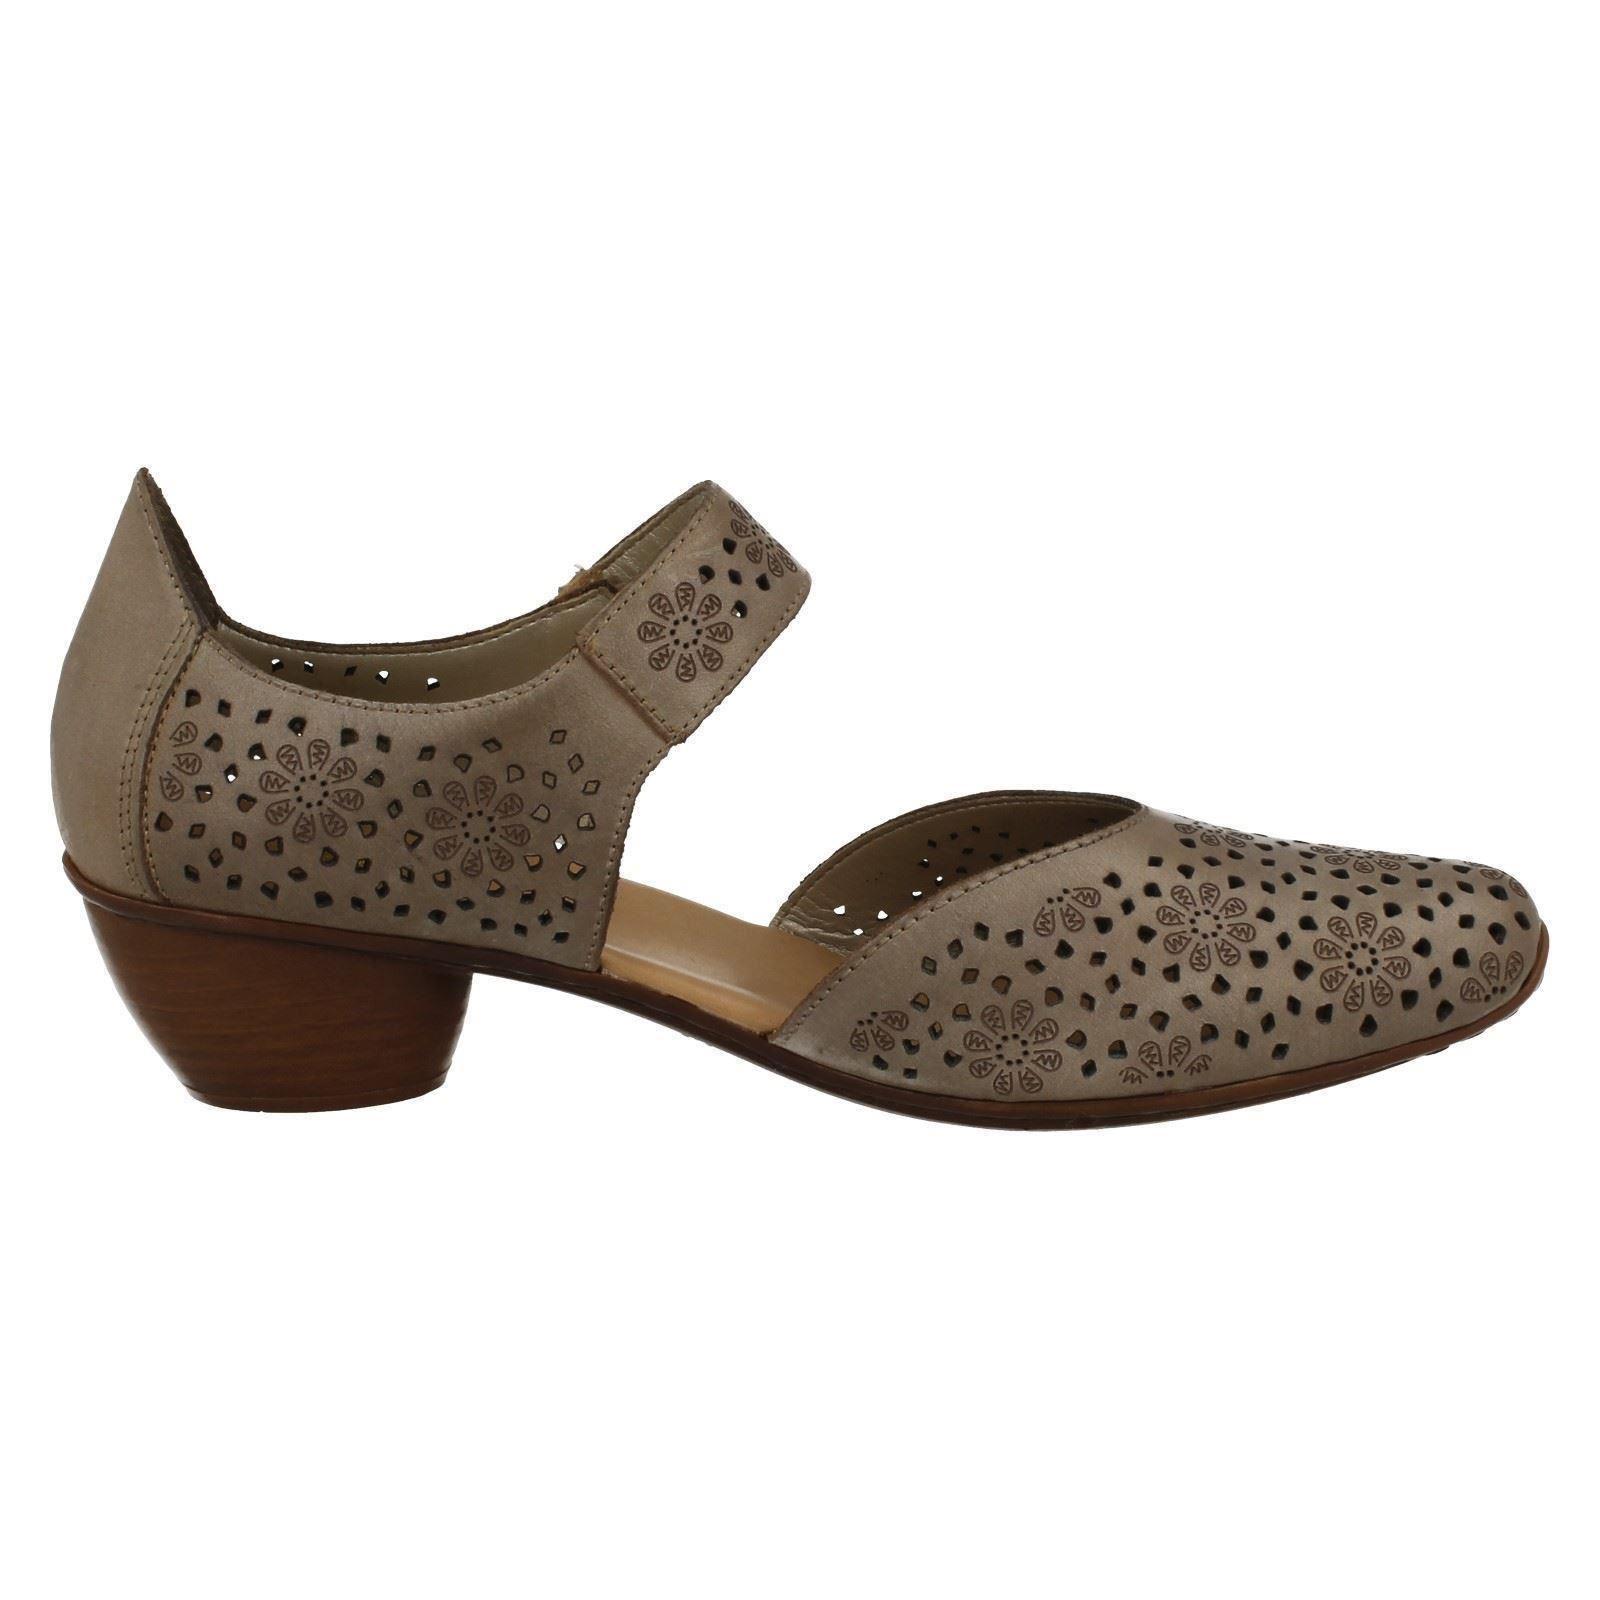 rieker low heel leather shoes 43711 ebay